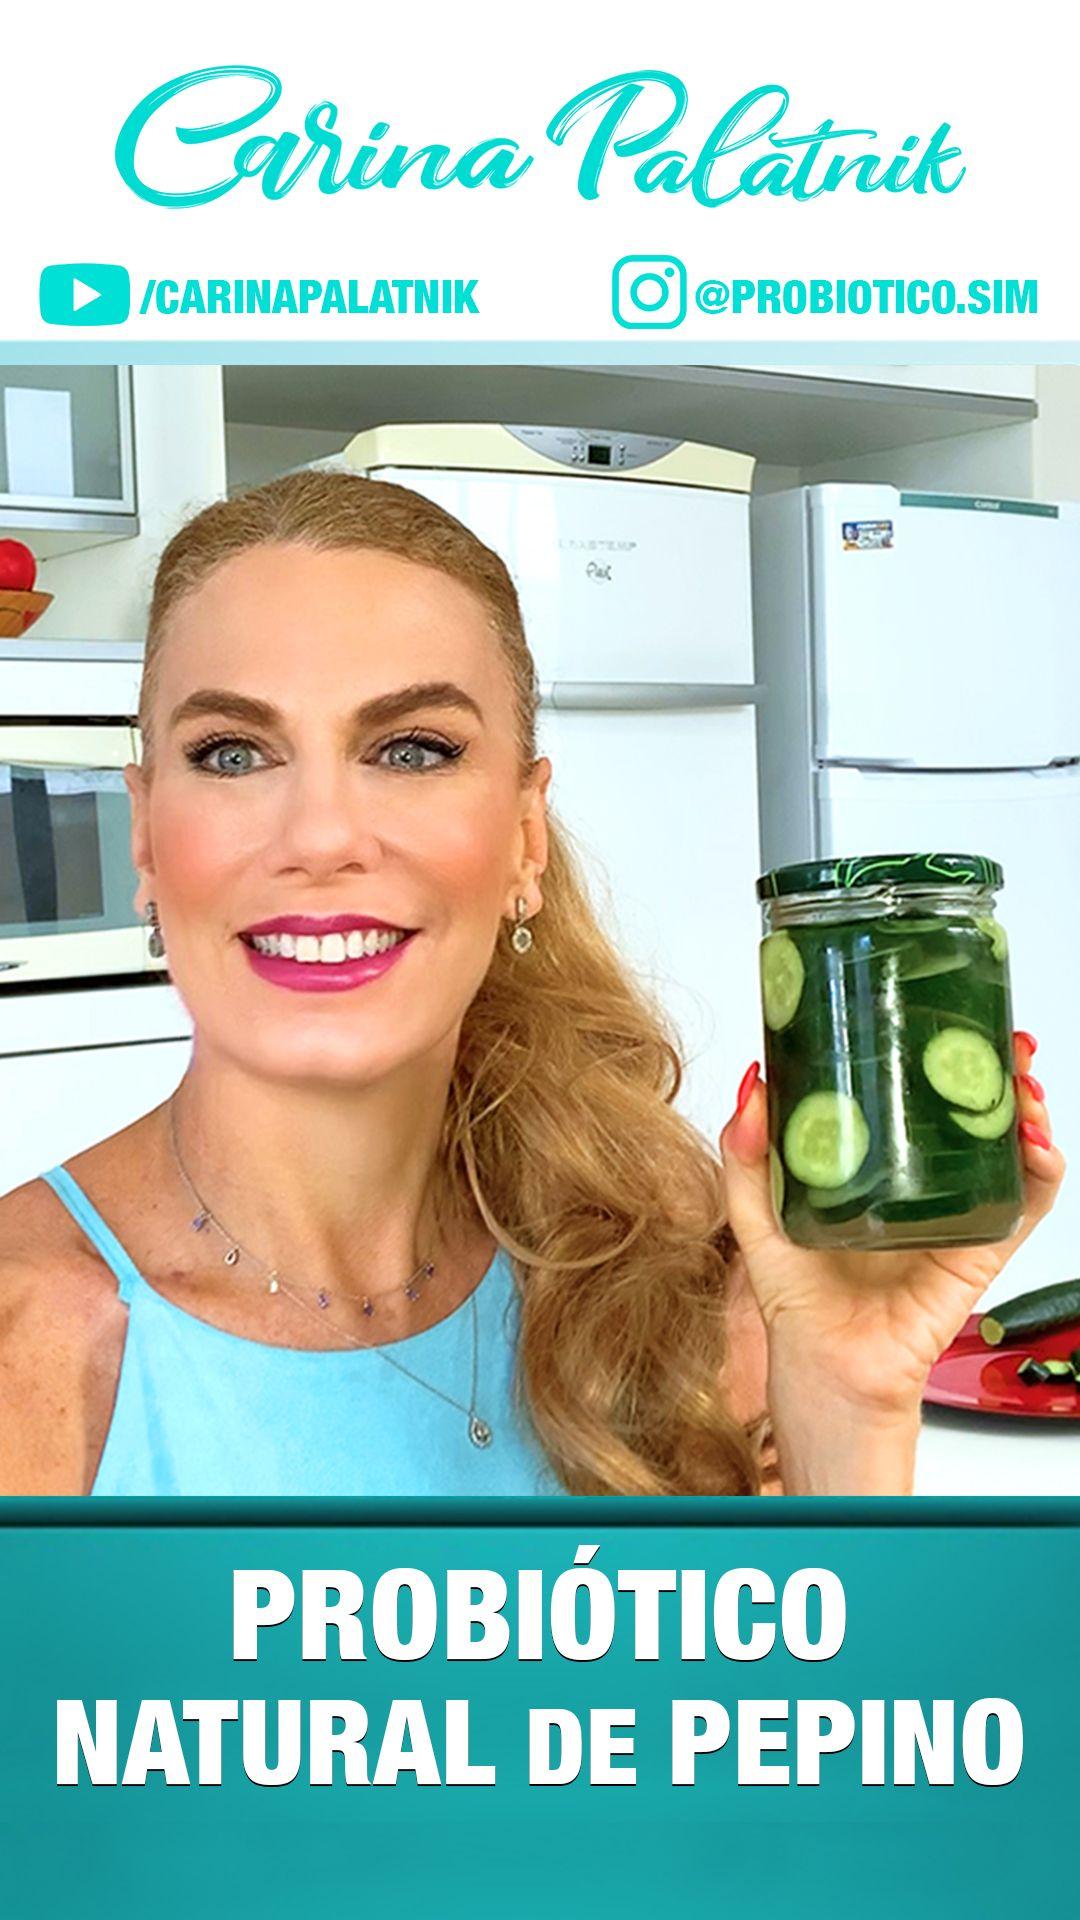 Receita Fácil e Super Saudável de PROBIÓTICOS, que são as bactérias do bem que ajudam aumentar a sua imunidade. Entenda que você não deve consumir grandes quantidades por dia, apenas 3 ou 4 rodelas são suficientes. Portanto não exagere! Gostou da dica? Então encaminha essa receita fantástica! #receitasaudavel #lowfodmap #probiotico #receitafacil #fodmap #vidasaudavel #picles #alimentacaofuncional #sii #prebiotico #pepino #cozinhasaudavel #cucumber #pickles